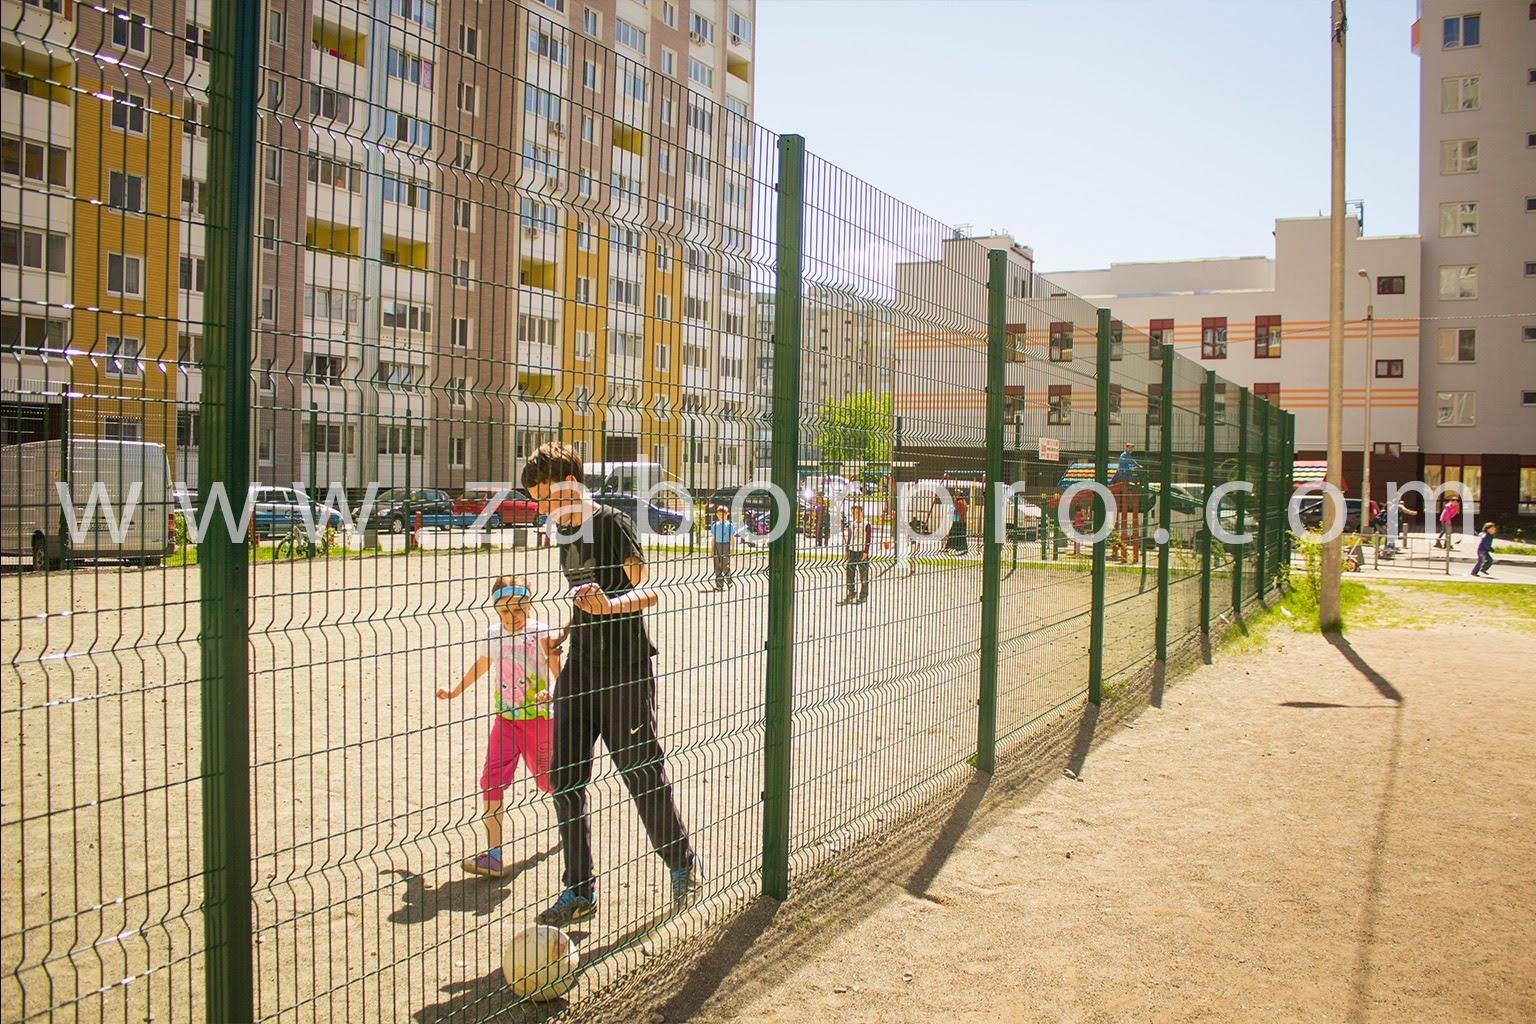 ограждение многоквартирного дома, спортивной и детской площадок-0005